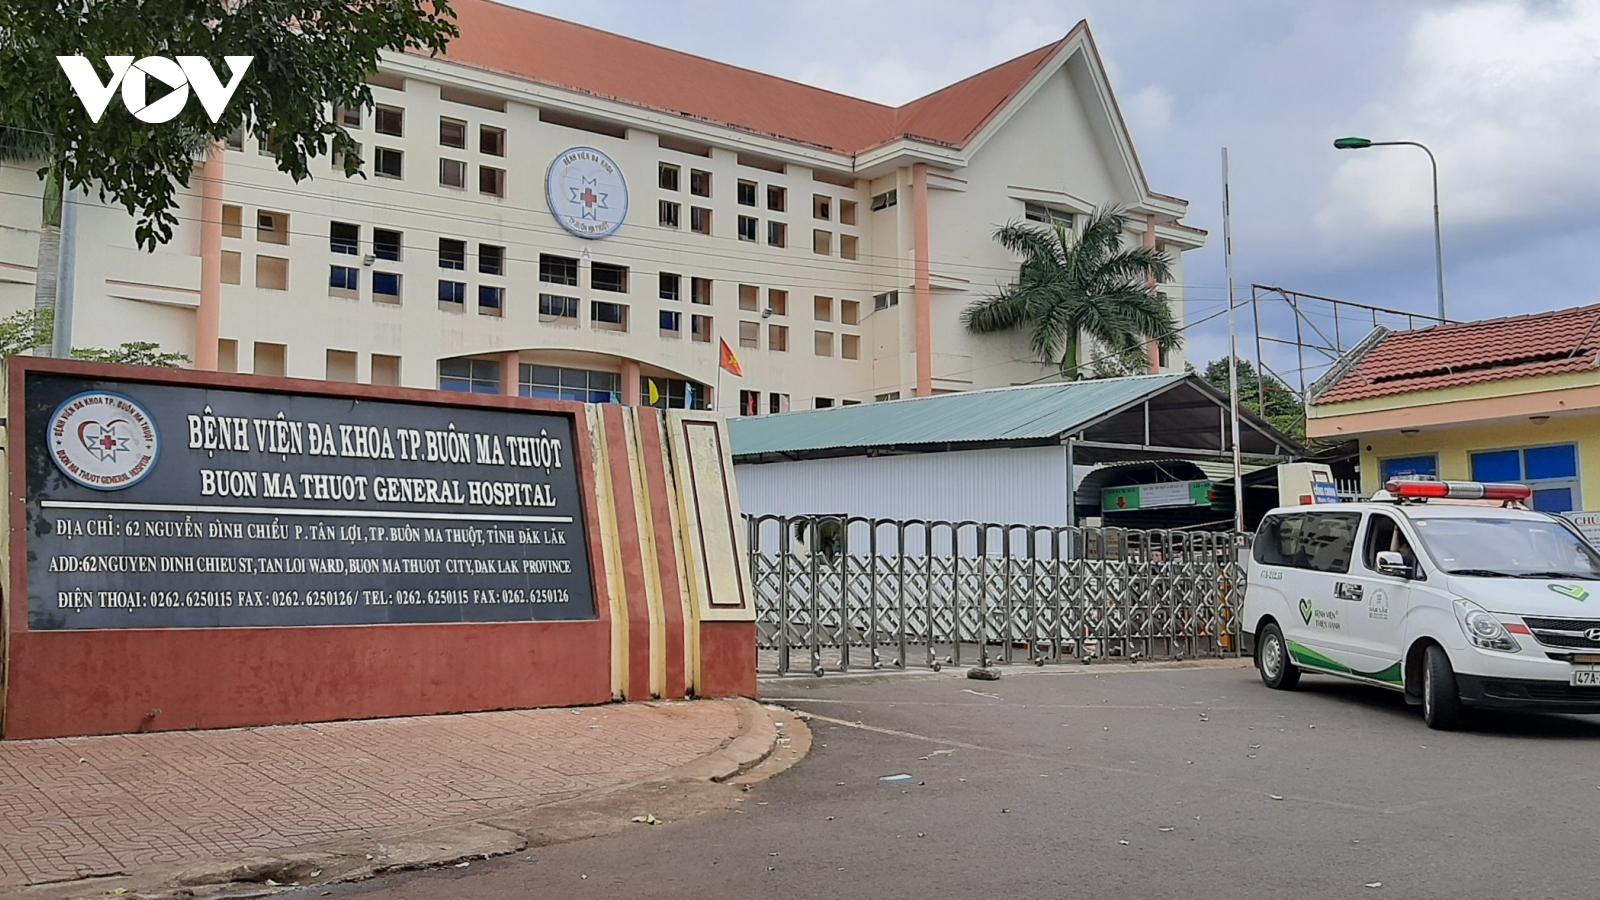 Đắk Lắk tạm dừng hoạt động BV Đa khoa TP Buôn Ma Thuột do liên quan đến COVID-19